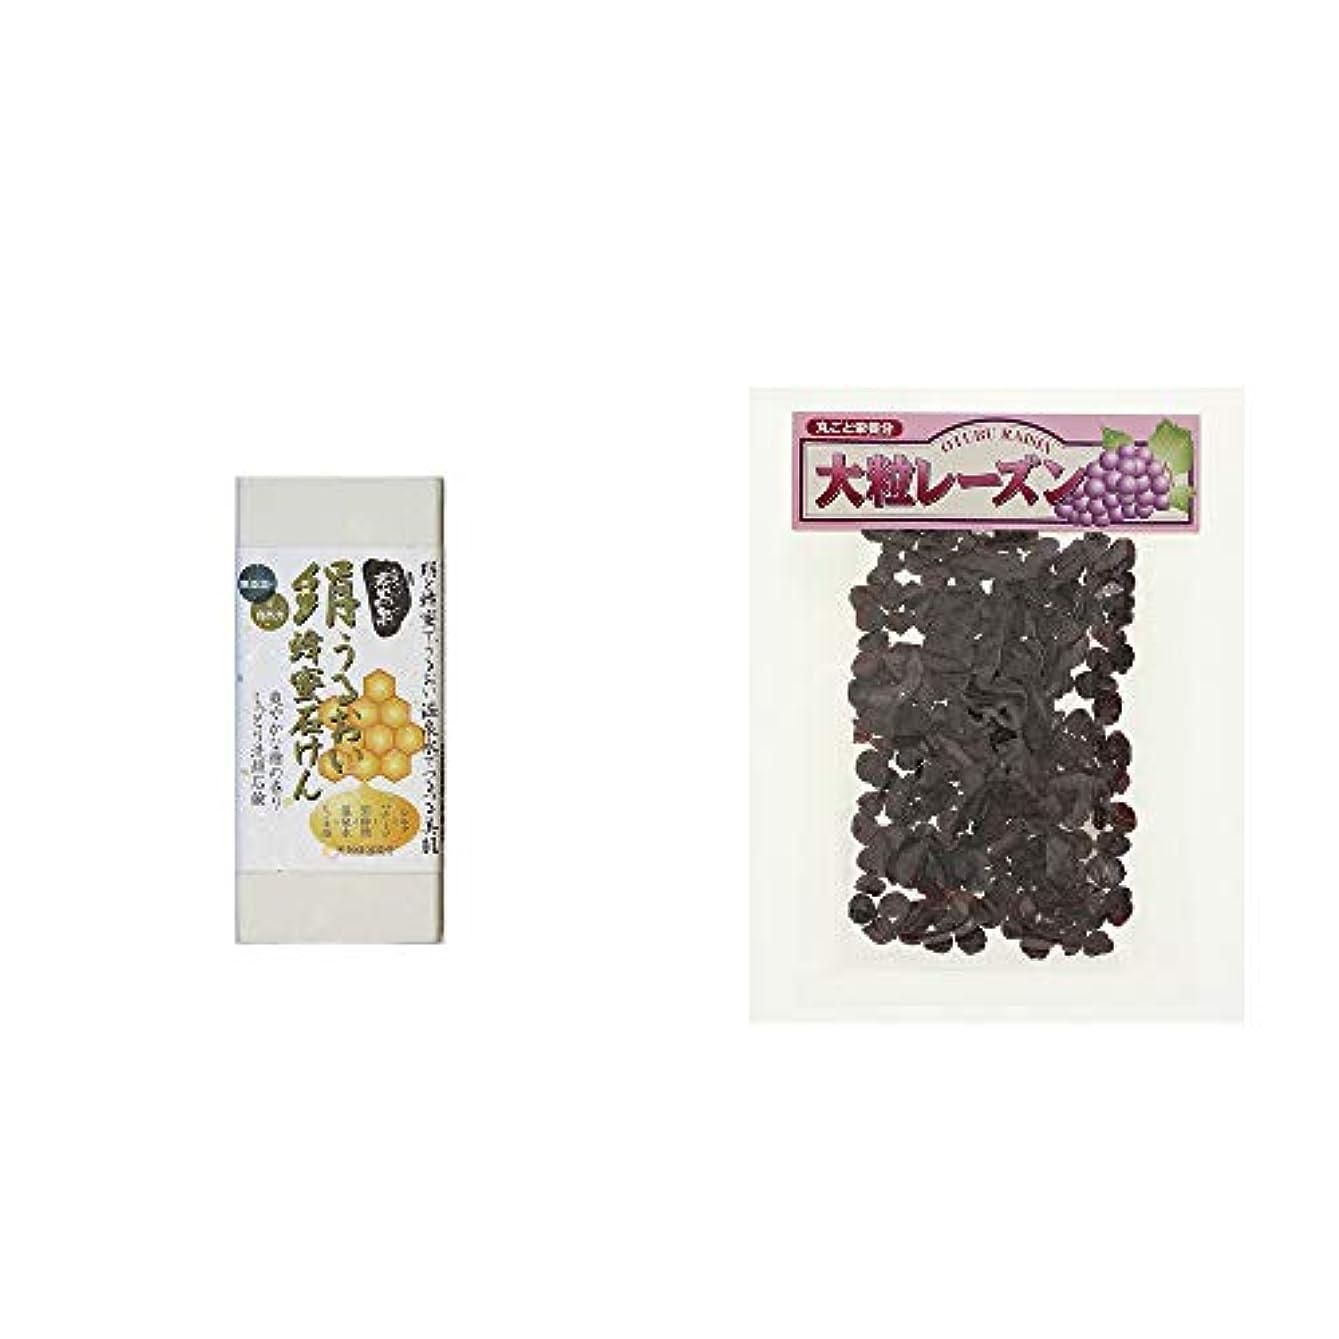 名誉倫理誇りに思う[2点セット] ひのき炭黒泉 絹うるおい蜂蜜石けん(75g×2)?大粒レーズン(280g)